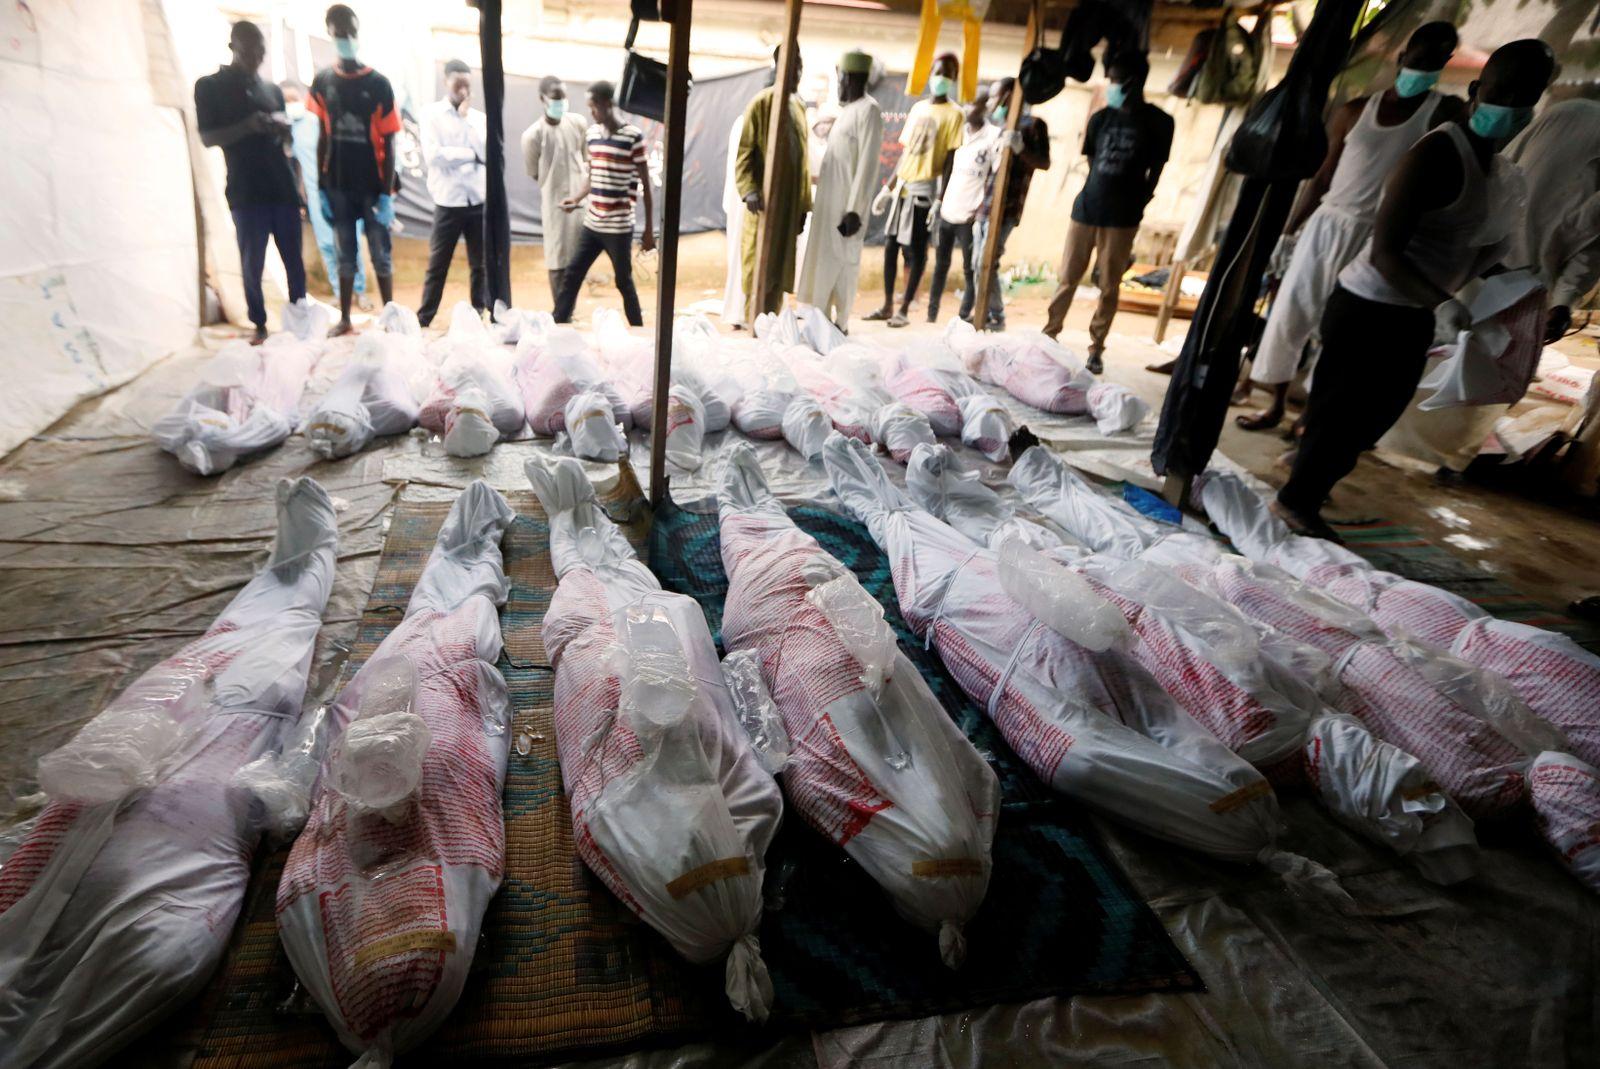 Nigeria/ Schiiten/ Militär/ Armee/ Ausschreitungen